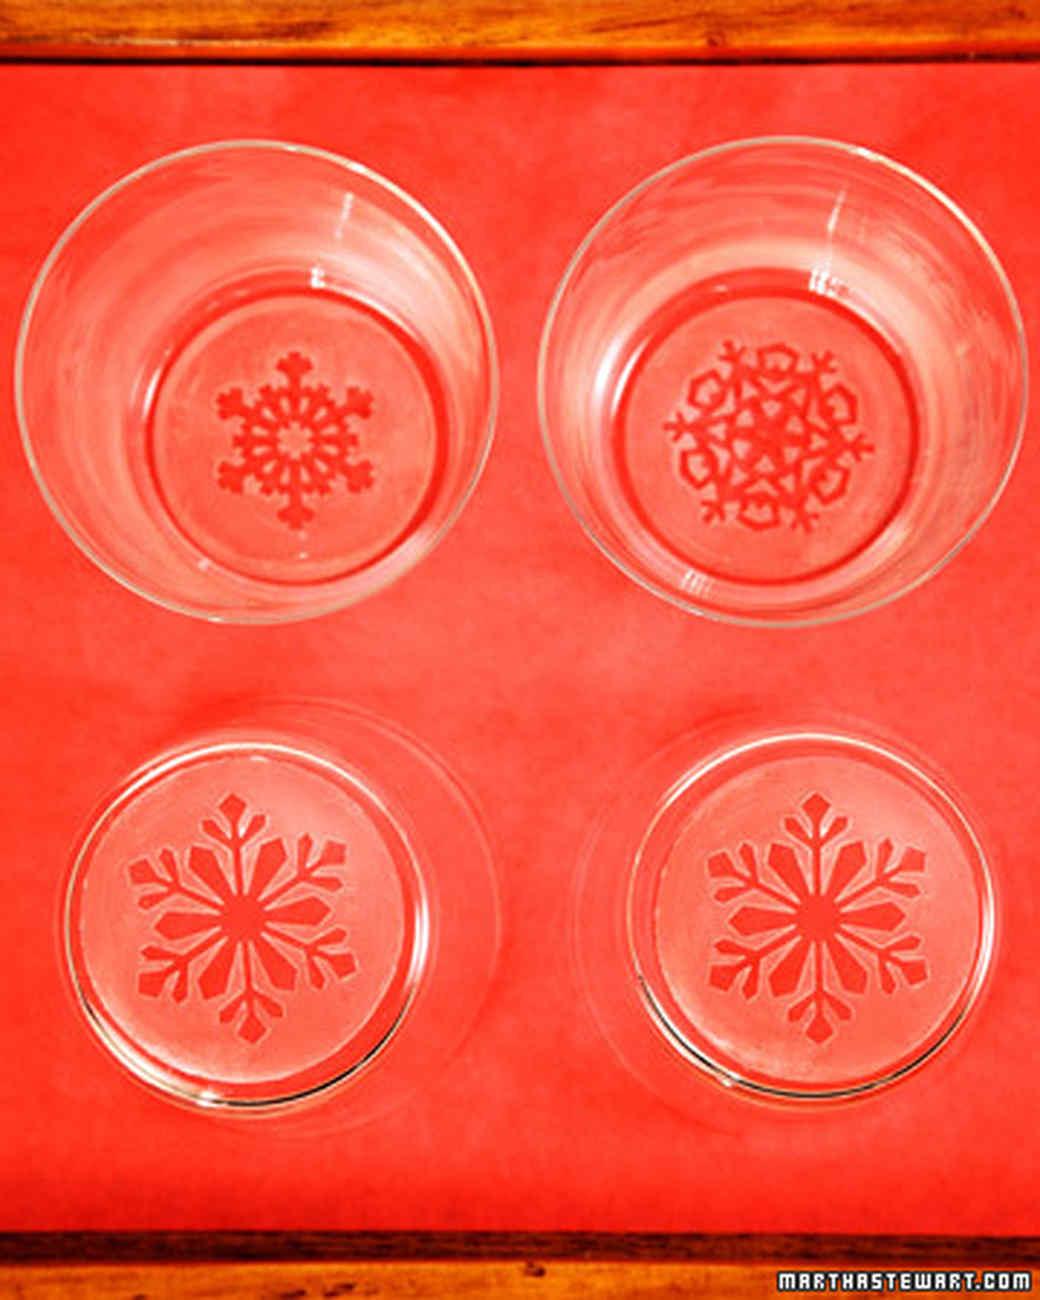 3064_120607_etchedglasses.jpg